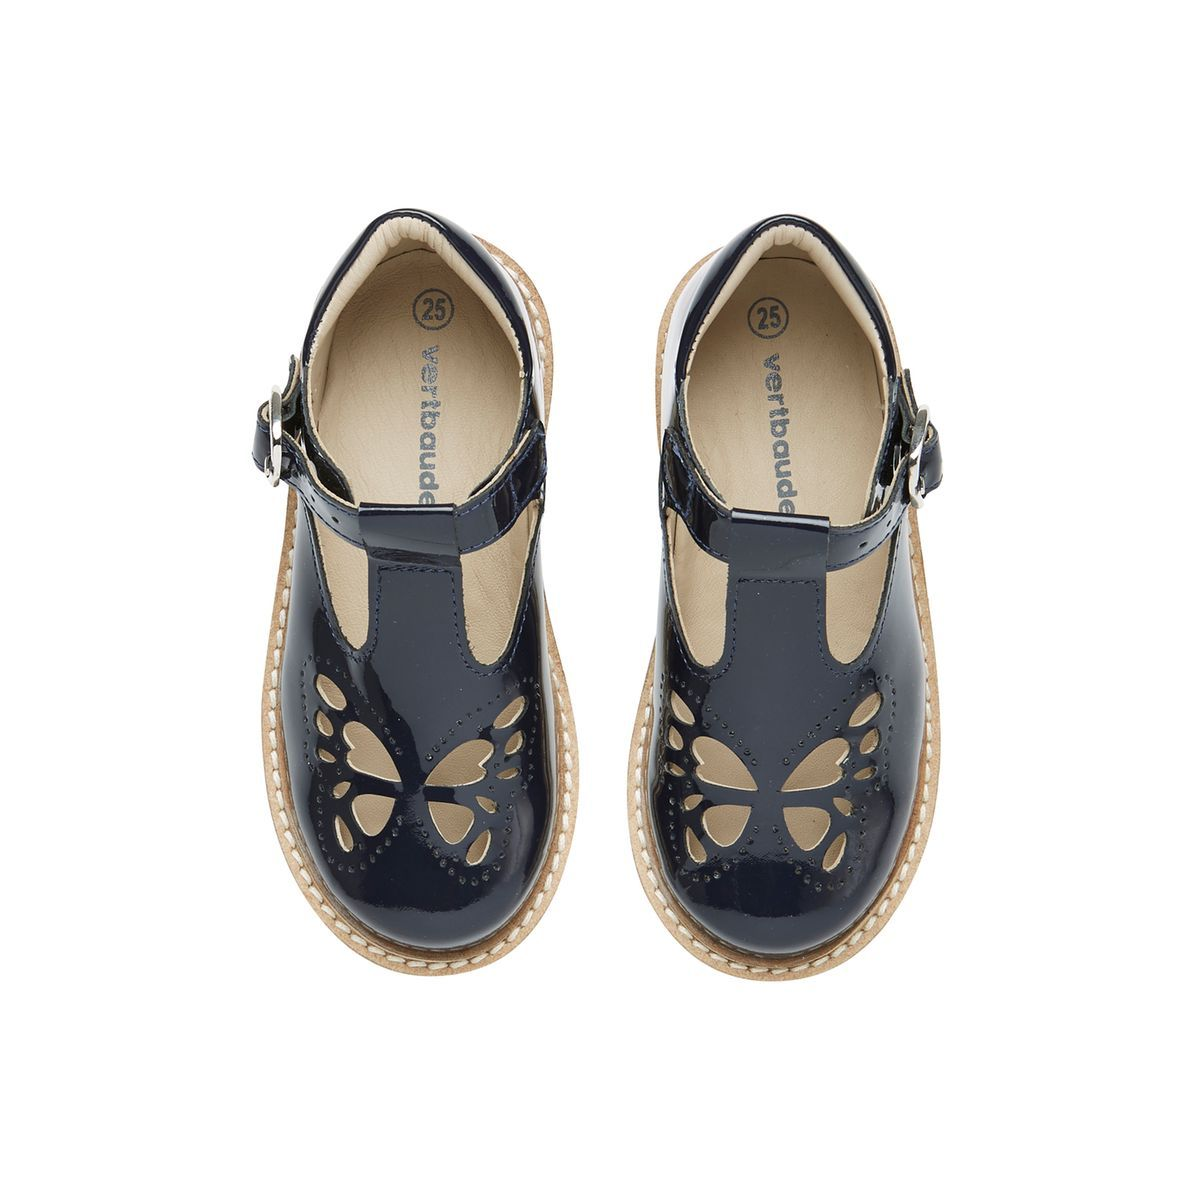 Sandales salomés fille collection maternelle en cuir vernis